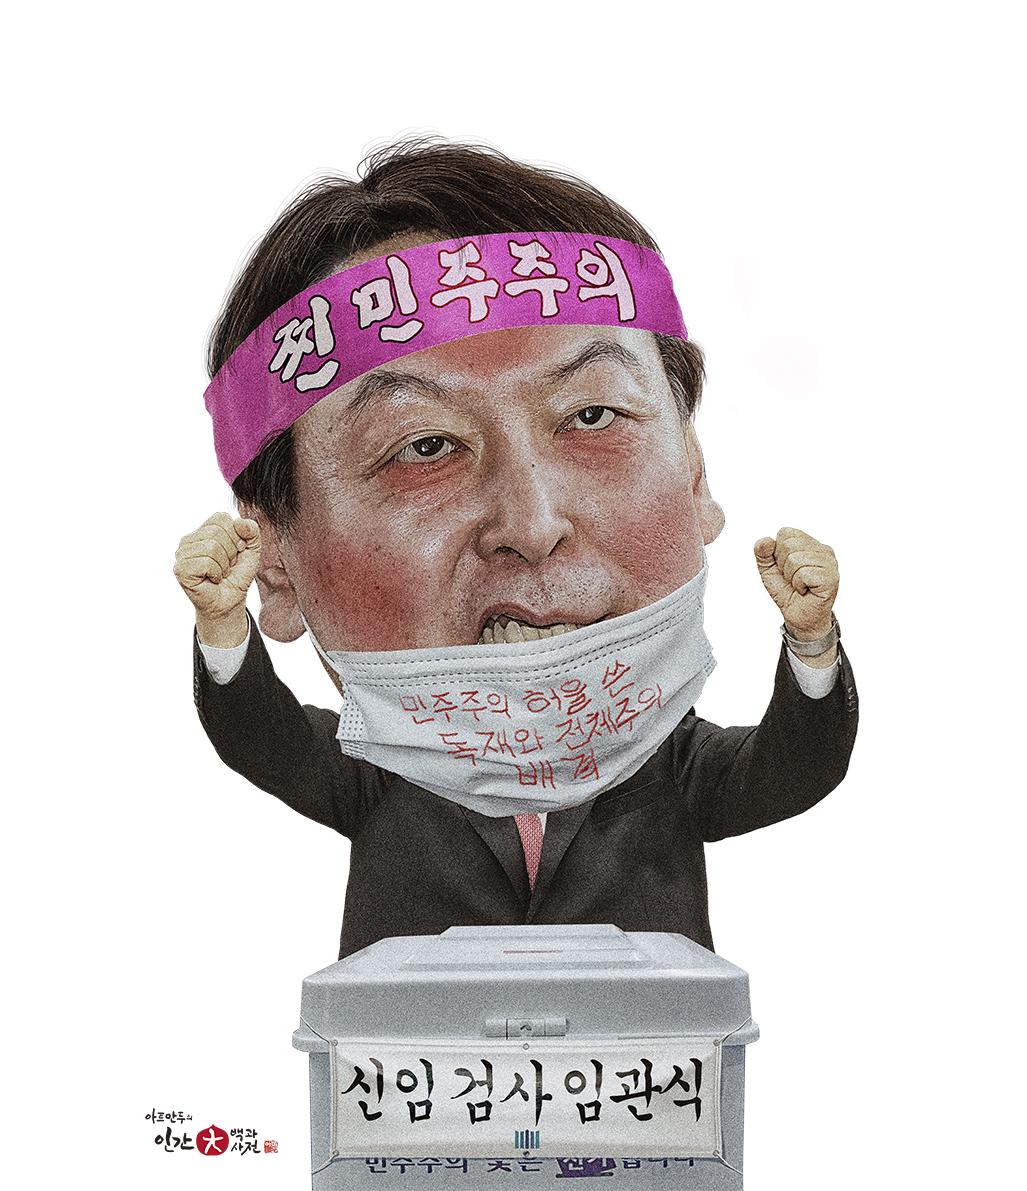 [시사캐리커쳐] 아트만두의 인간대백과사전 – 독재타도